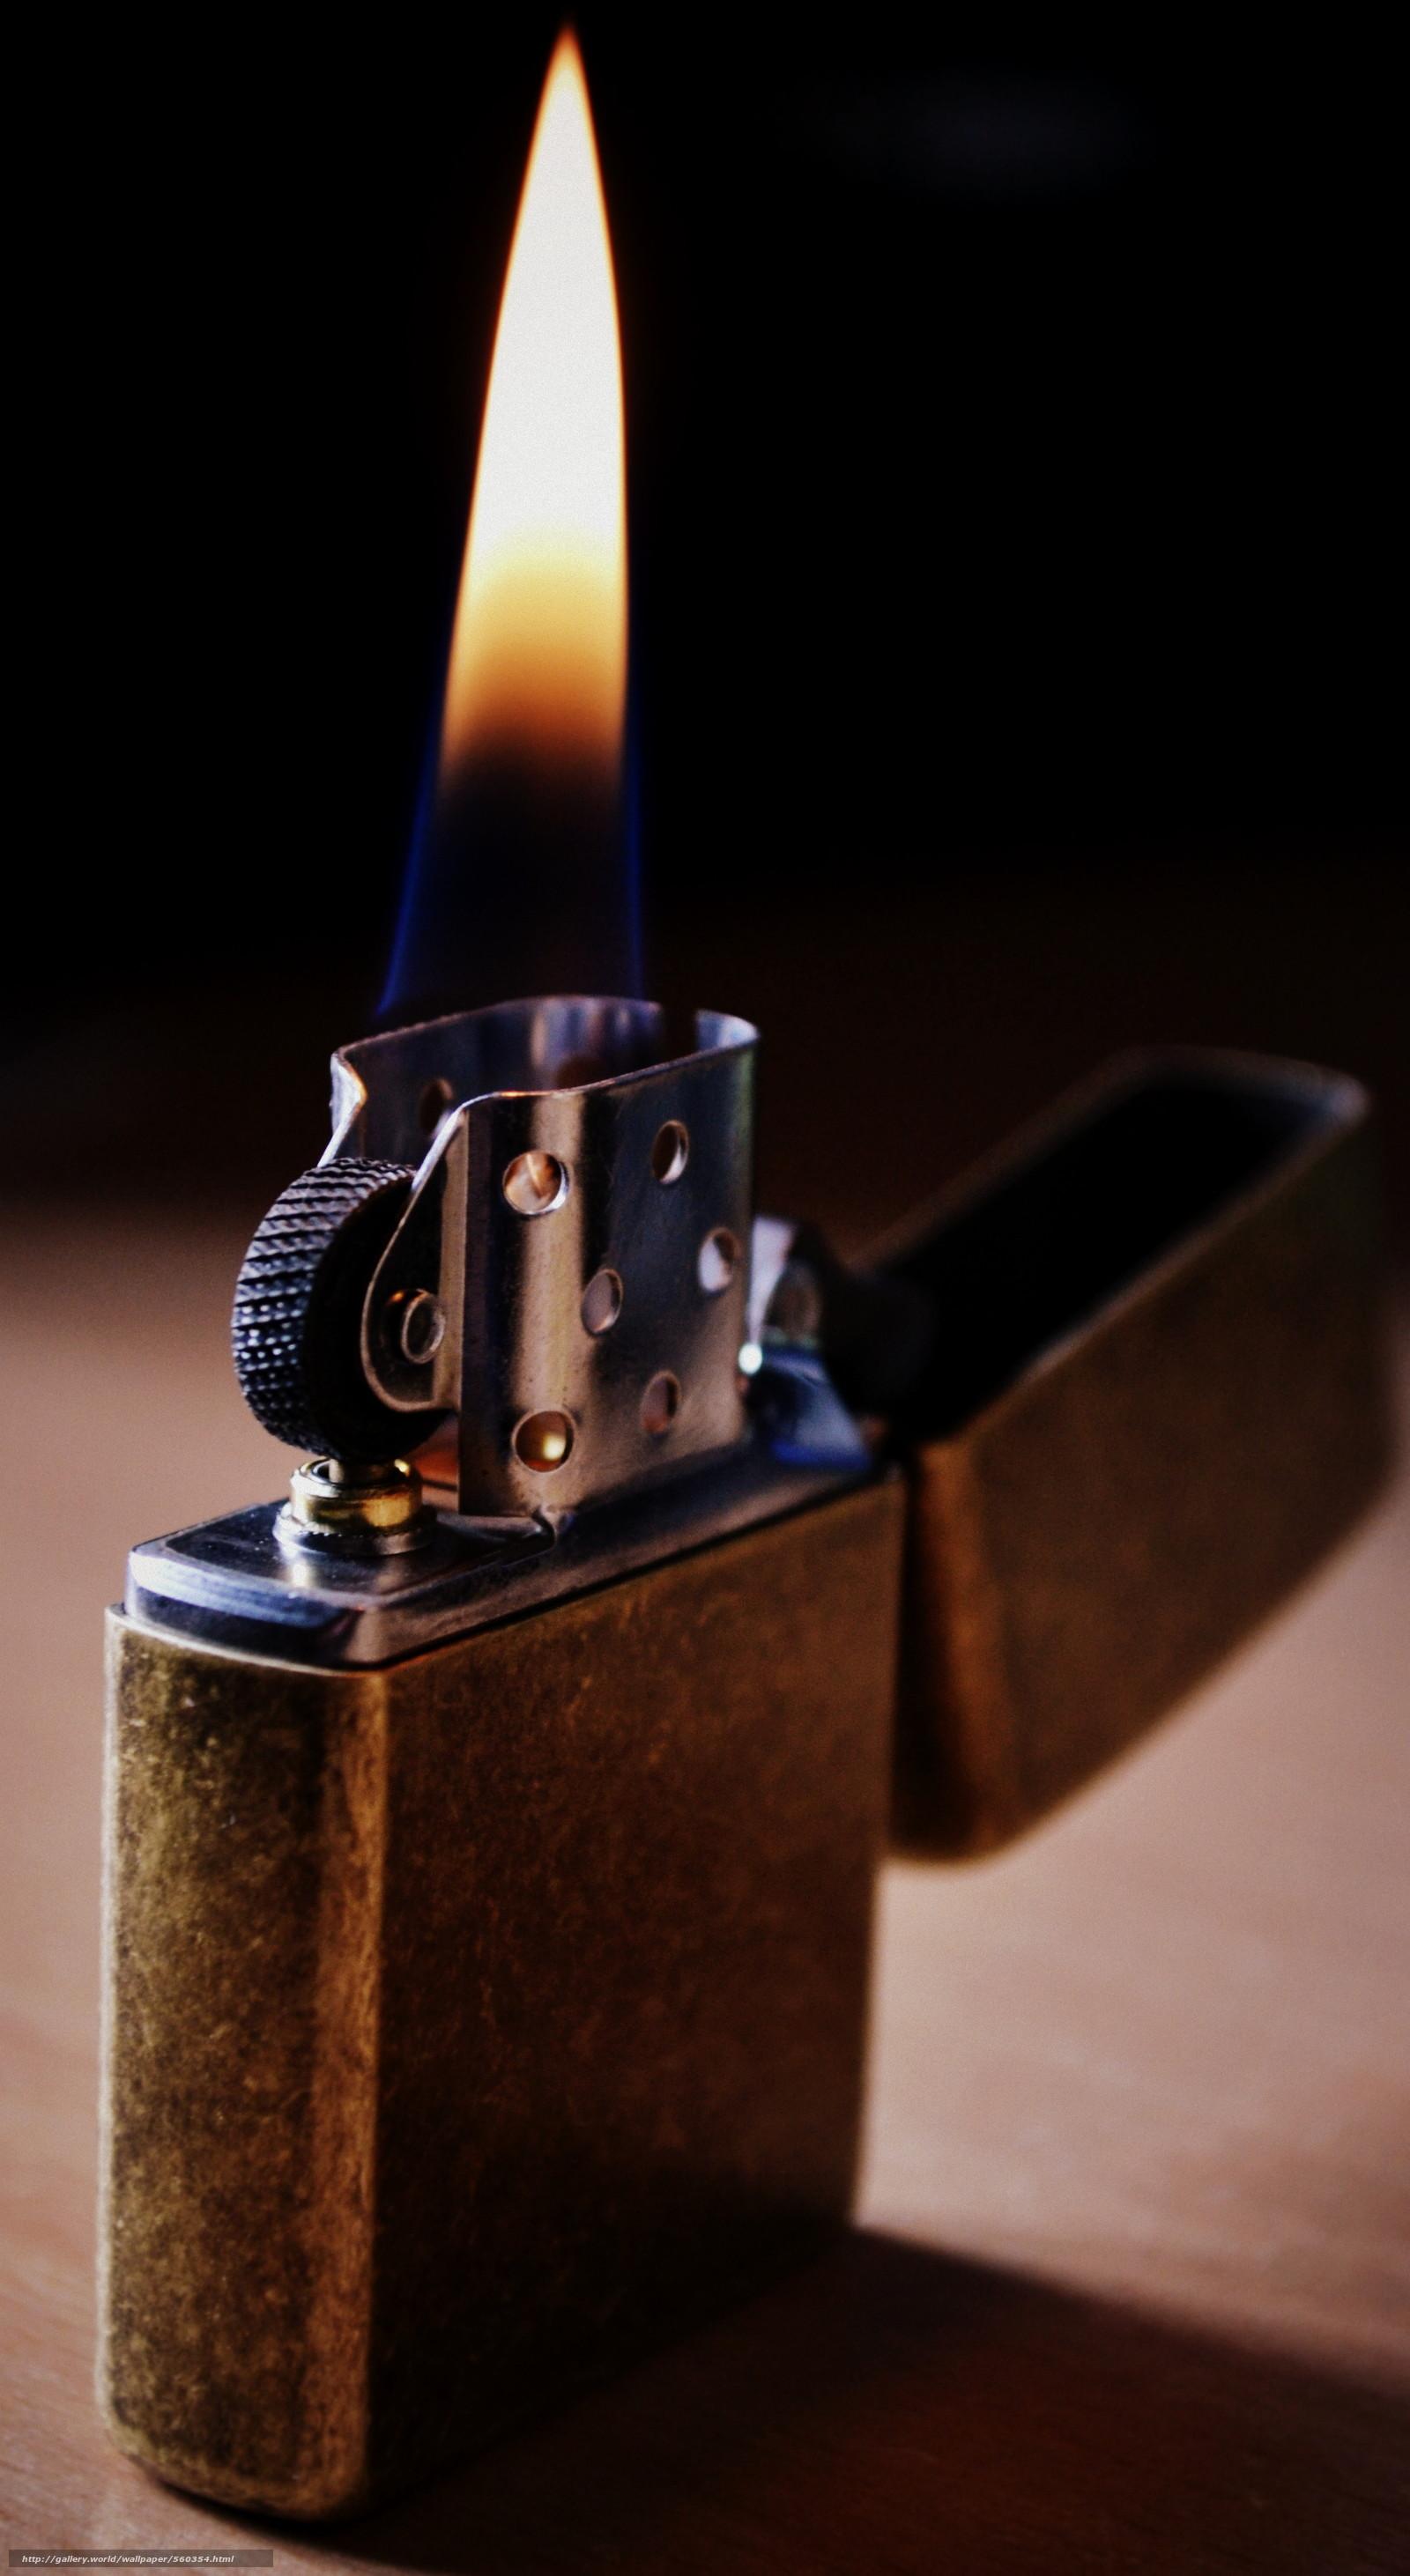 1440x2560 Wallpaper Lighter Metal Fire Flame